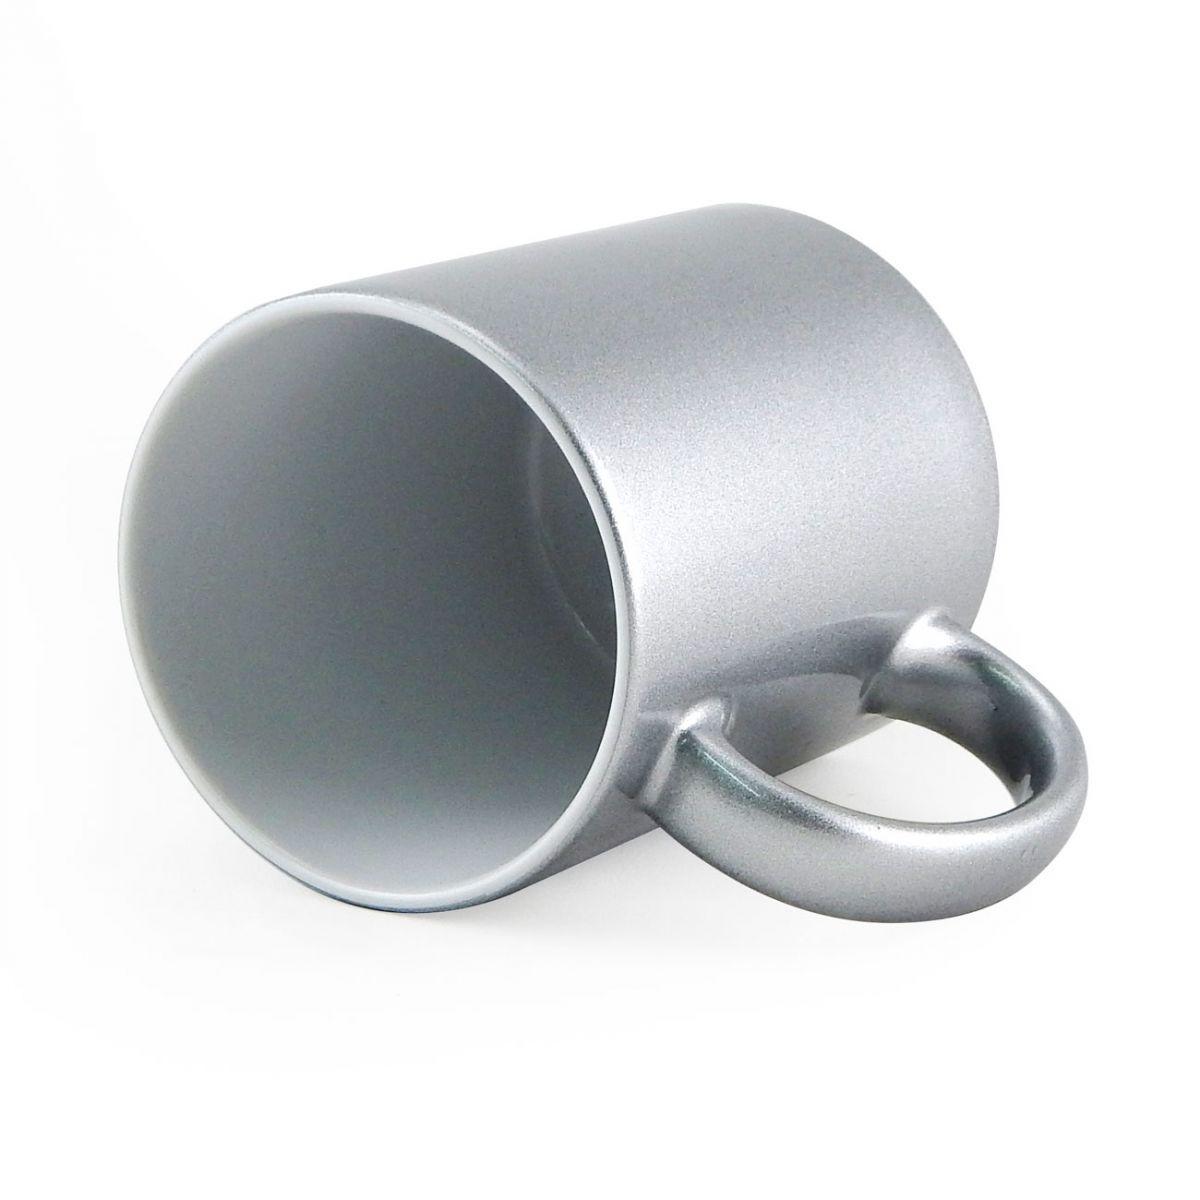 Caneca Metalizada Prata Resinada Para Sublimação em Cerâmica - Classe A  - ALFANETI COMERCIO DE MIDIAS E SUBLIMAÇÃO LTDA-ME